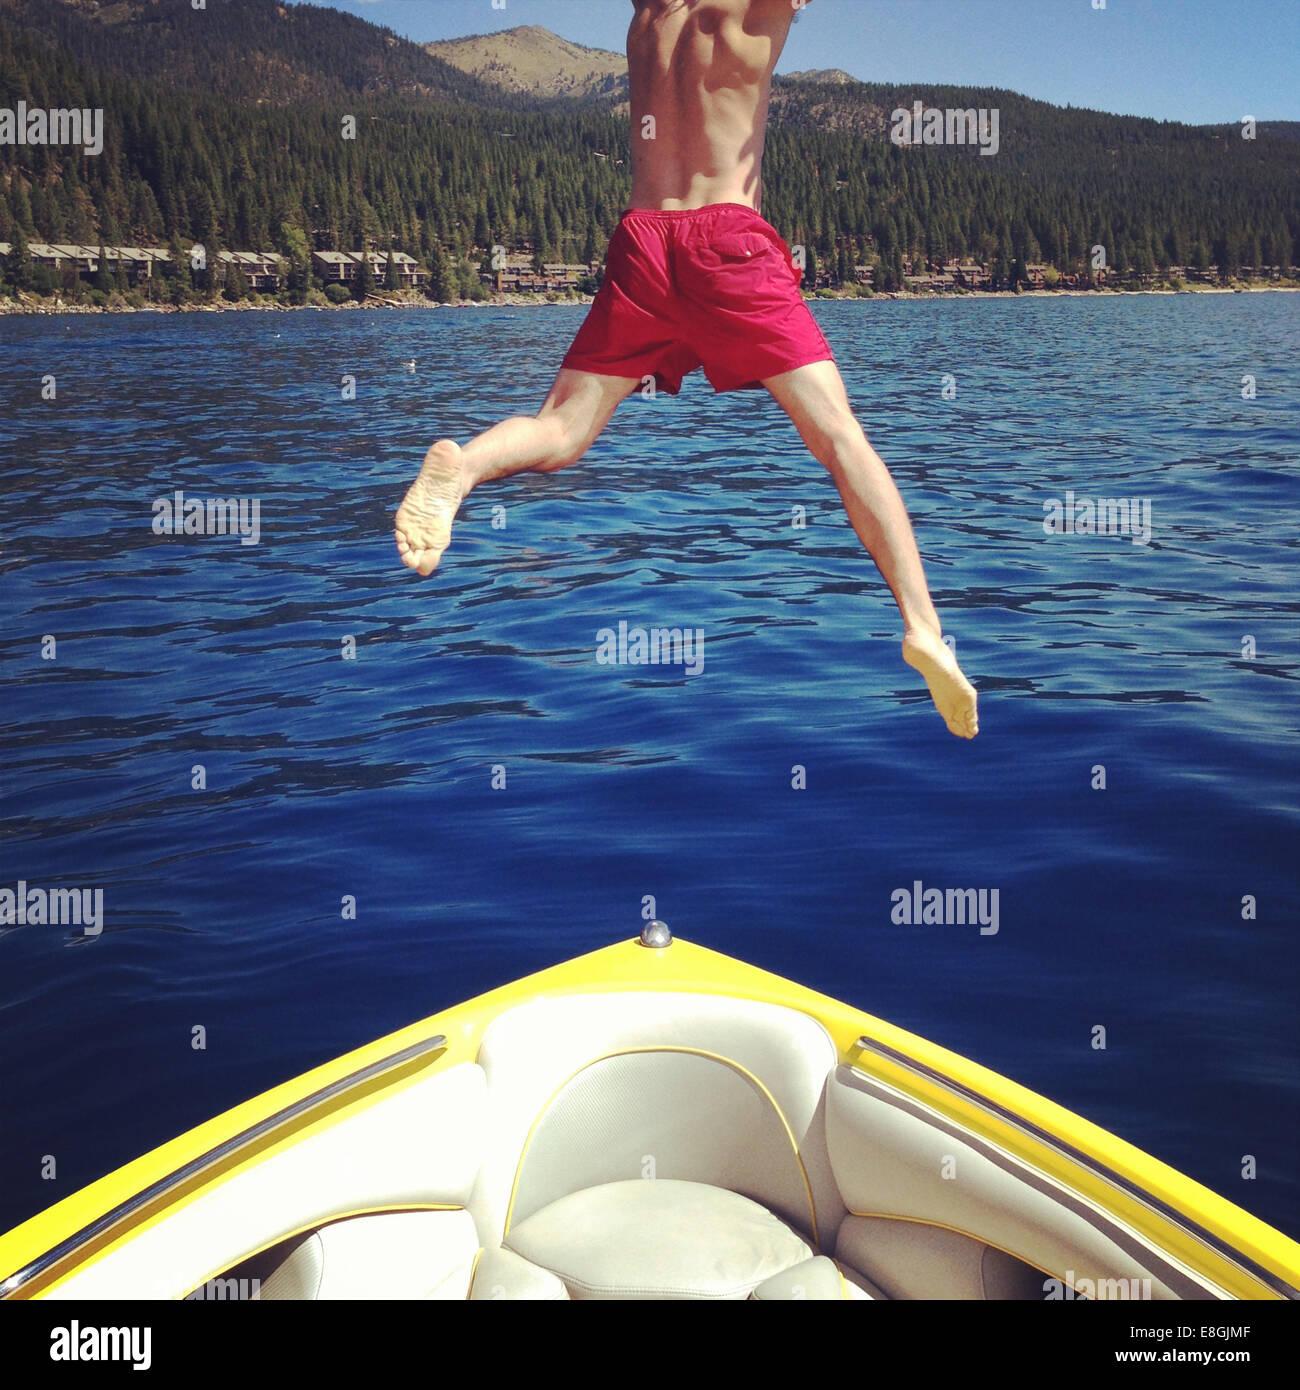 Off immagini off fotos stock alamy for Cabina nel noleggio lago tahoe